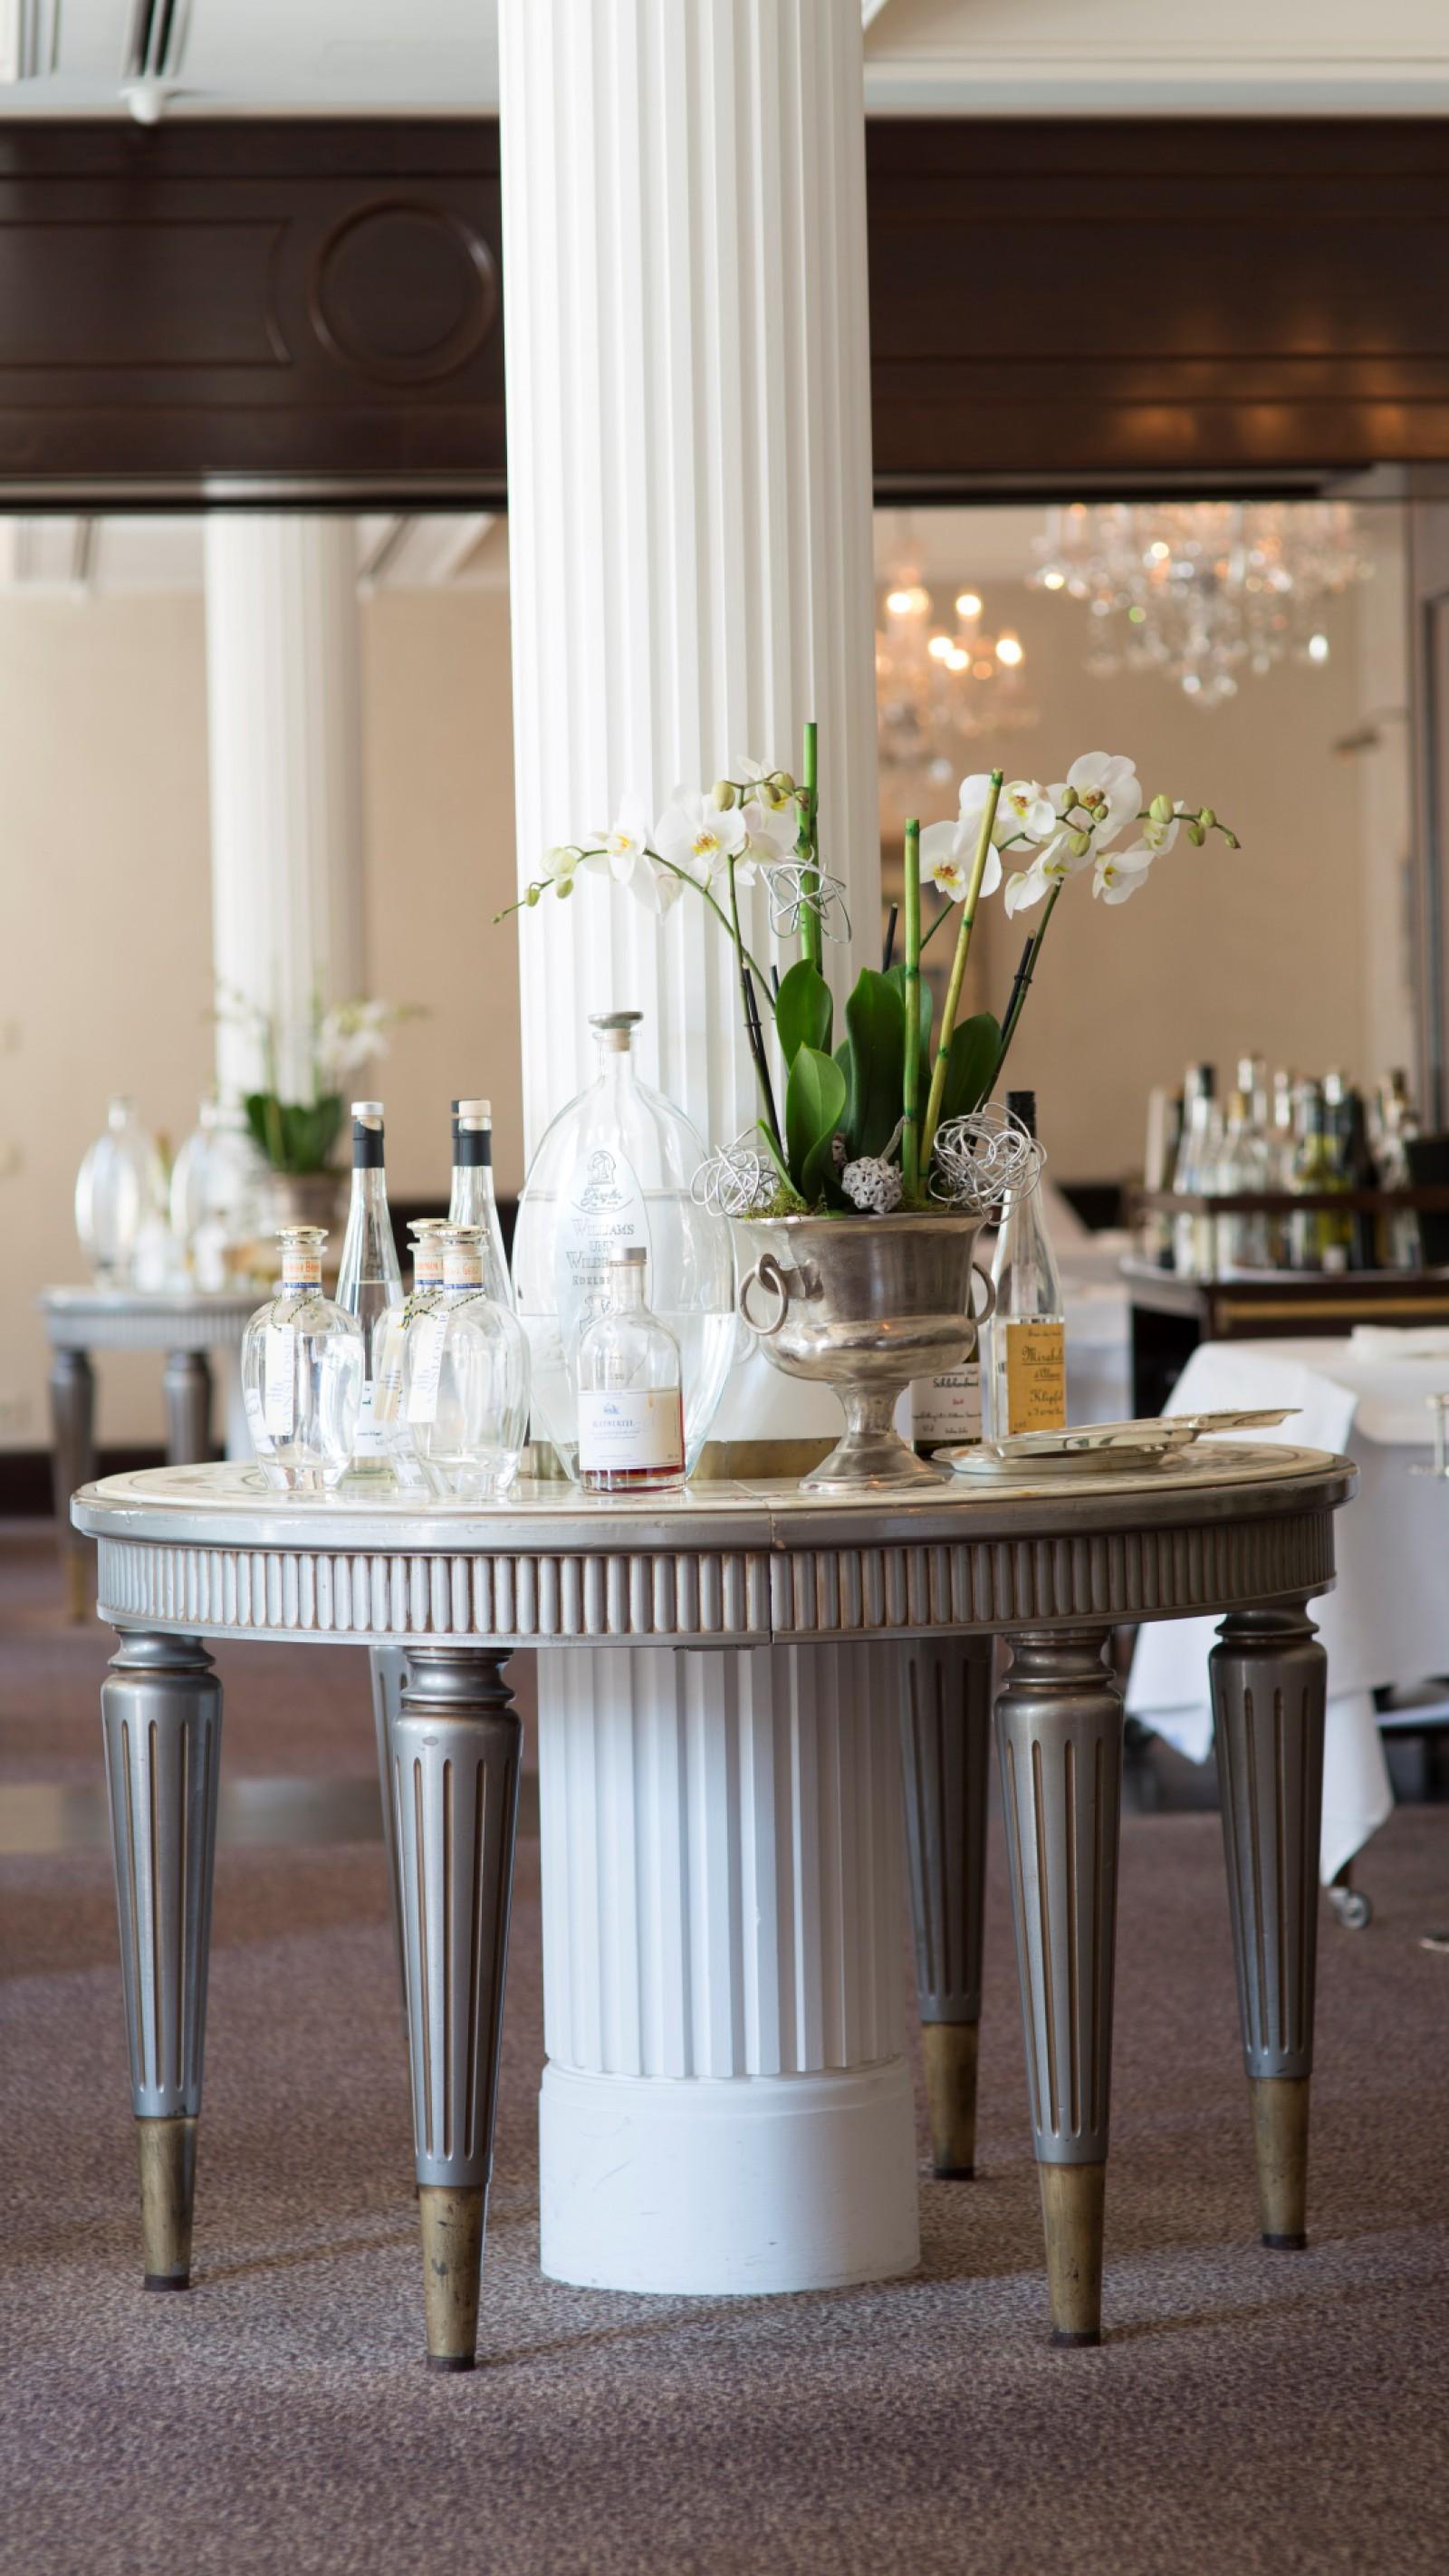 Restaurant Le Cerf im Wald -Schlosshotel Friedrichsruhe in ...